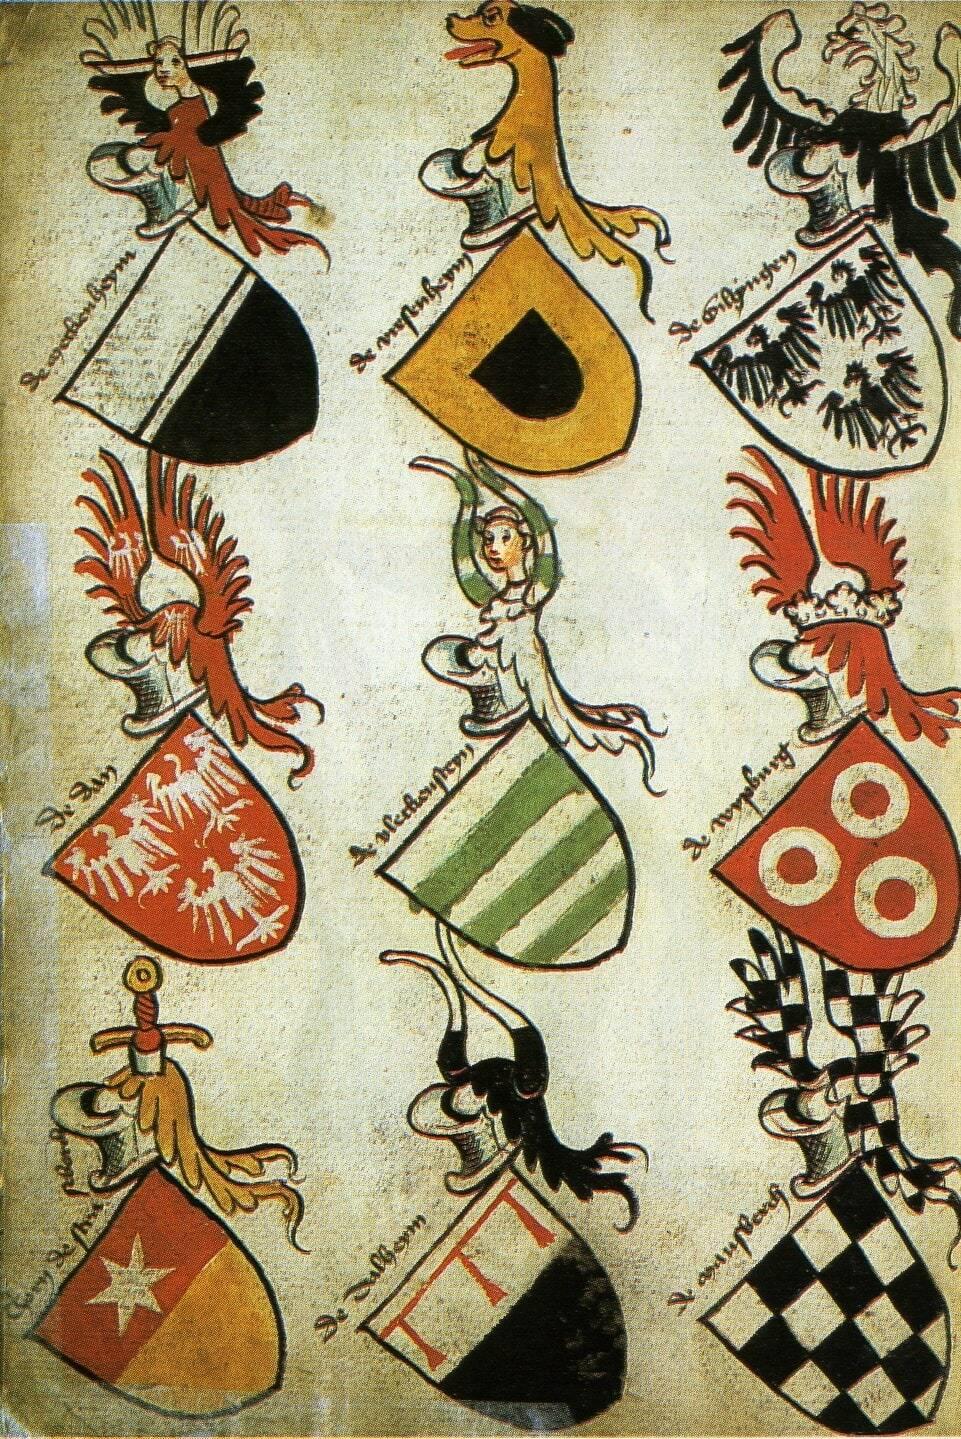 Al via il Torneo delle Contrade e dei Casali medievali di Amalfi dedicato a Salvatore Amici, per votare lo stemma più bello!